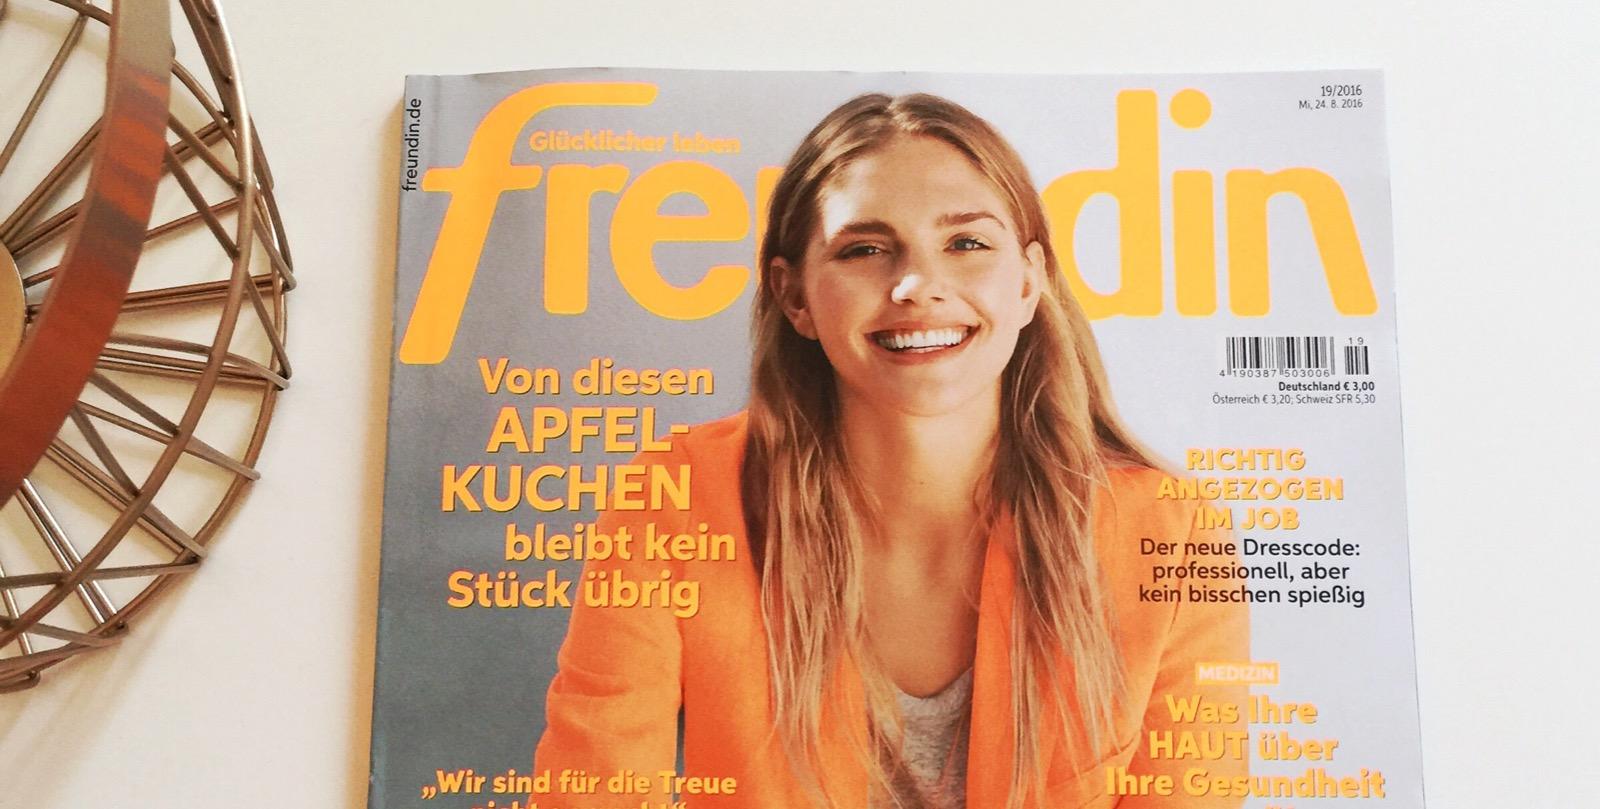 Artikel in der Zeitschrift Freundin